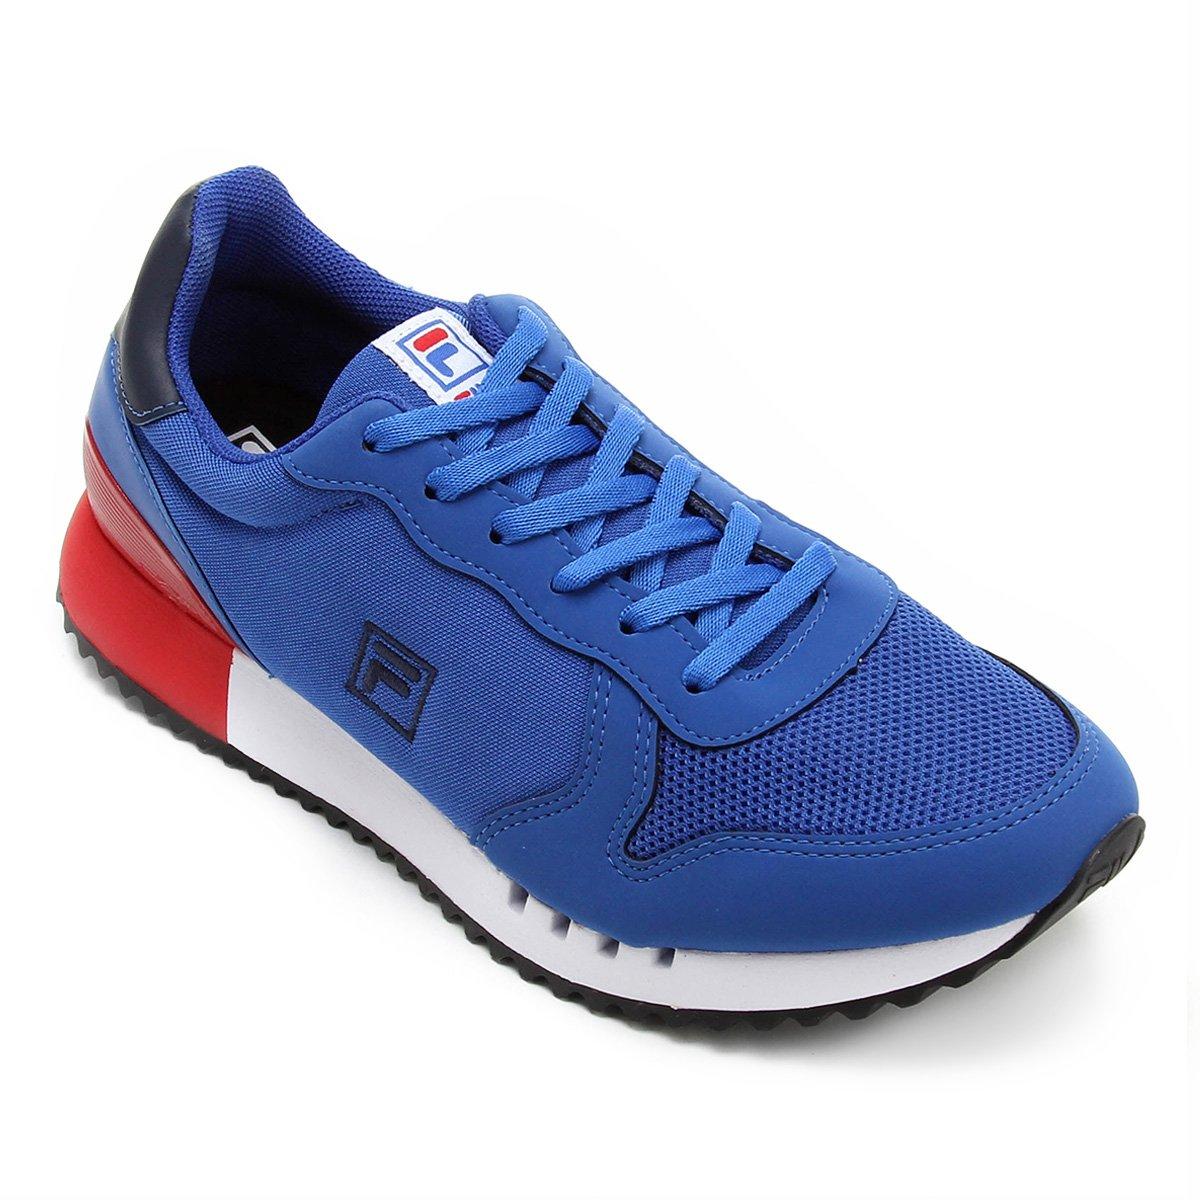 2e11d9948f0 Tênis Fila Retrô Runner Masculino - Azul e Marinho - Compre Agora ...